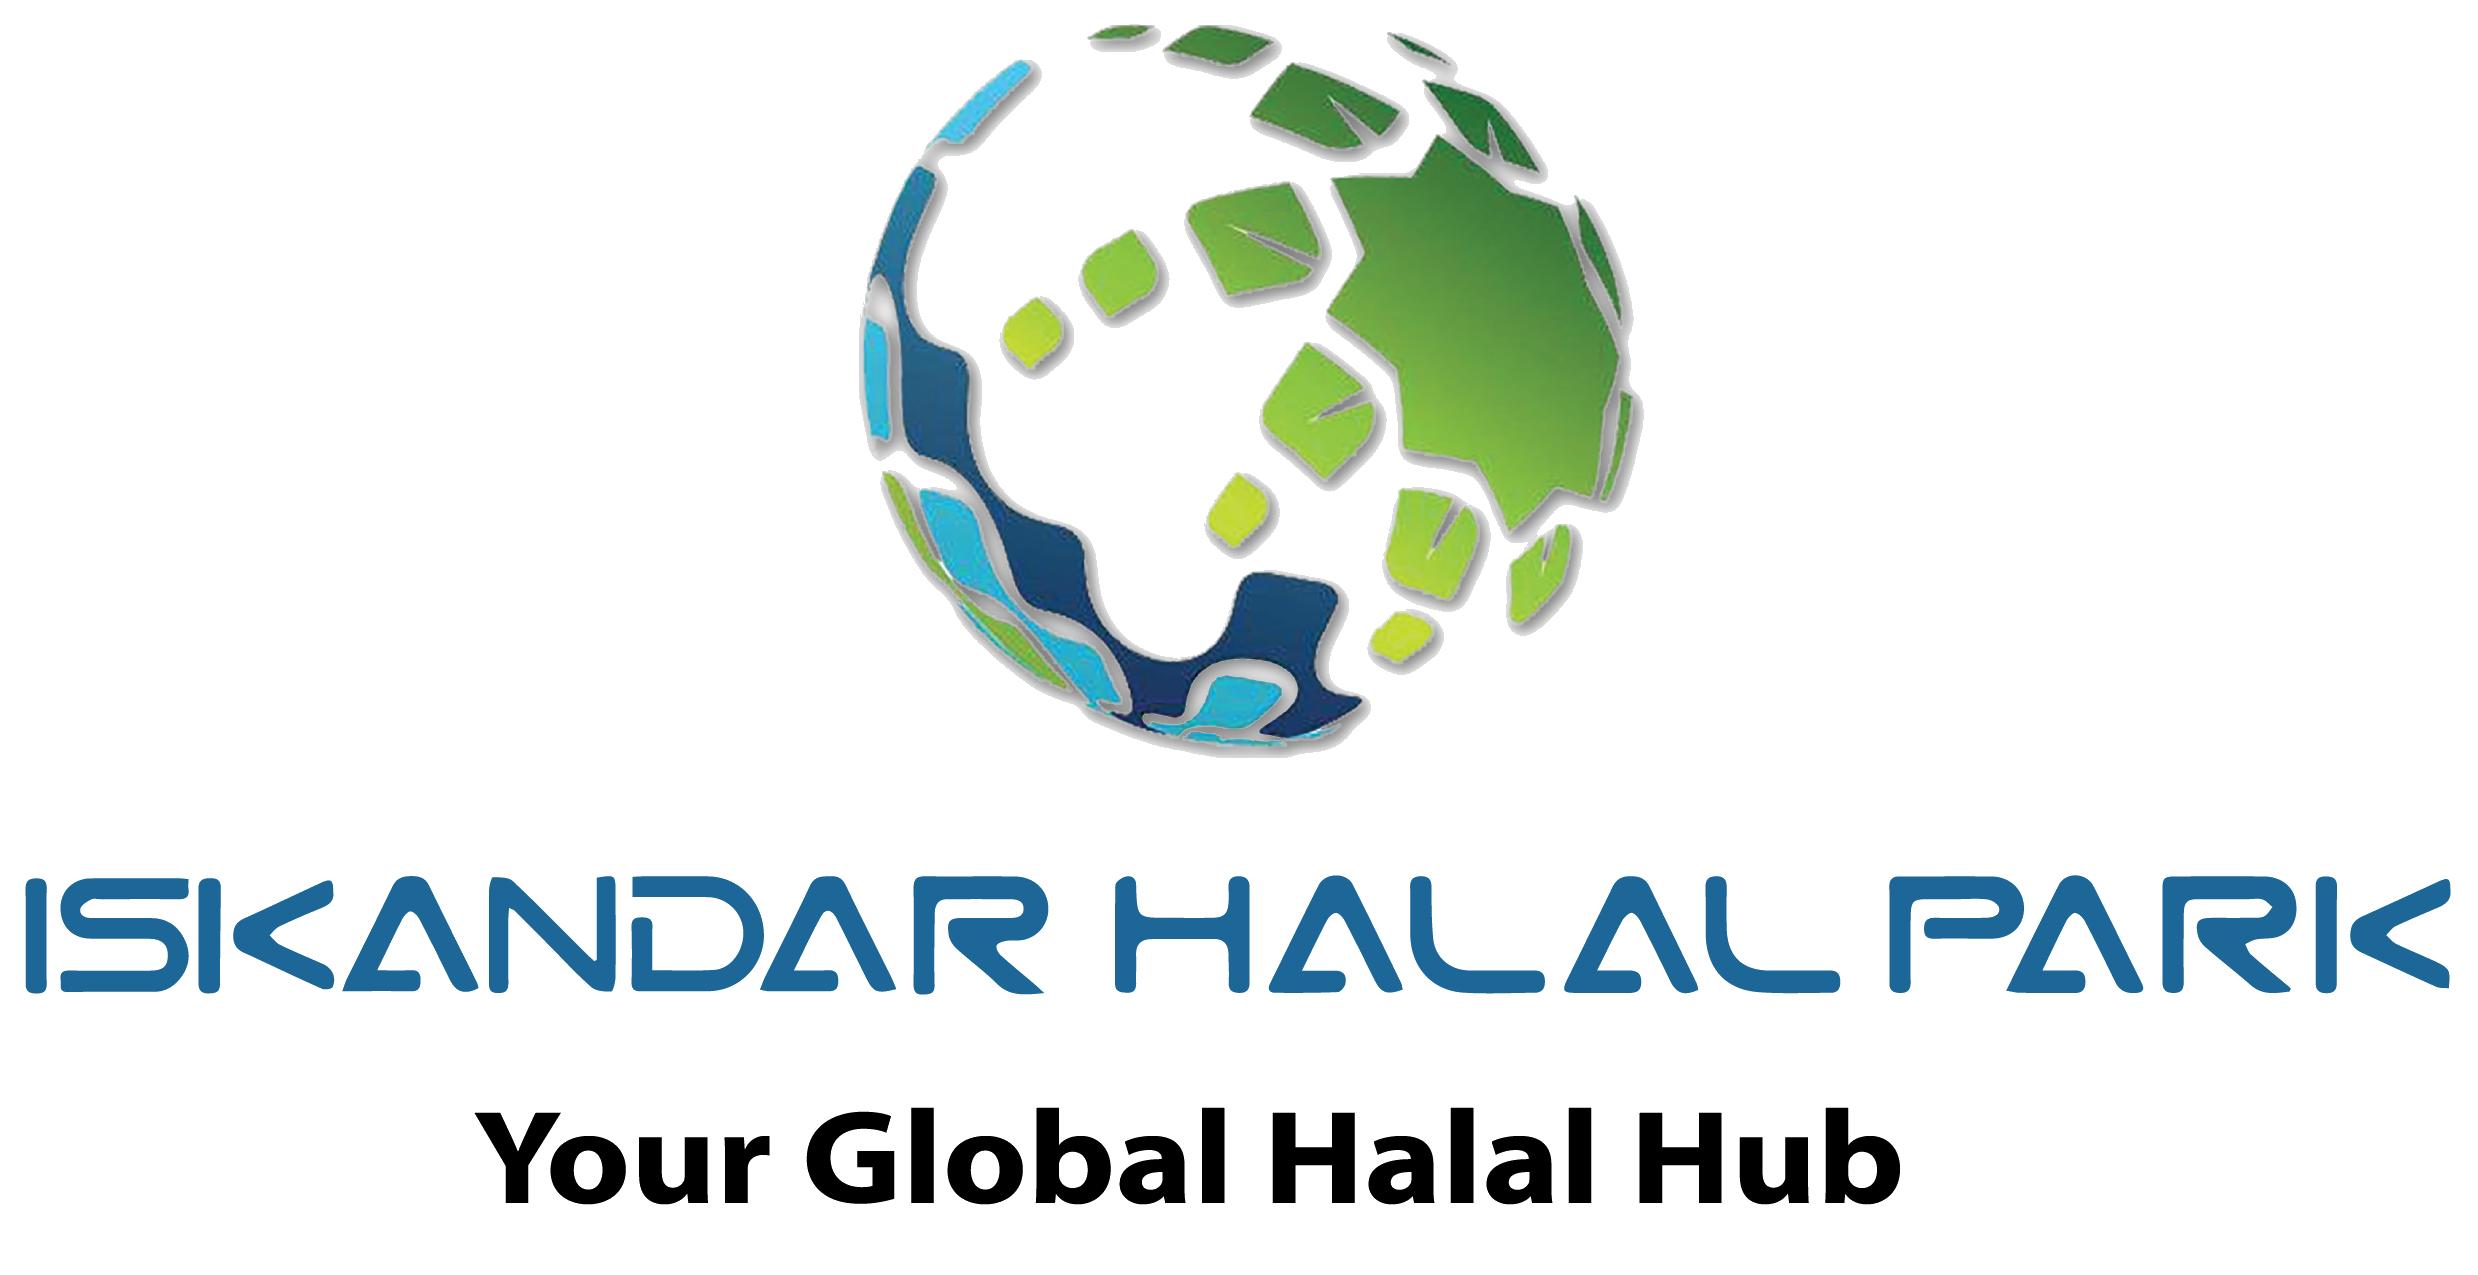 Iskandar Halal Park